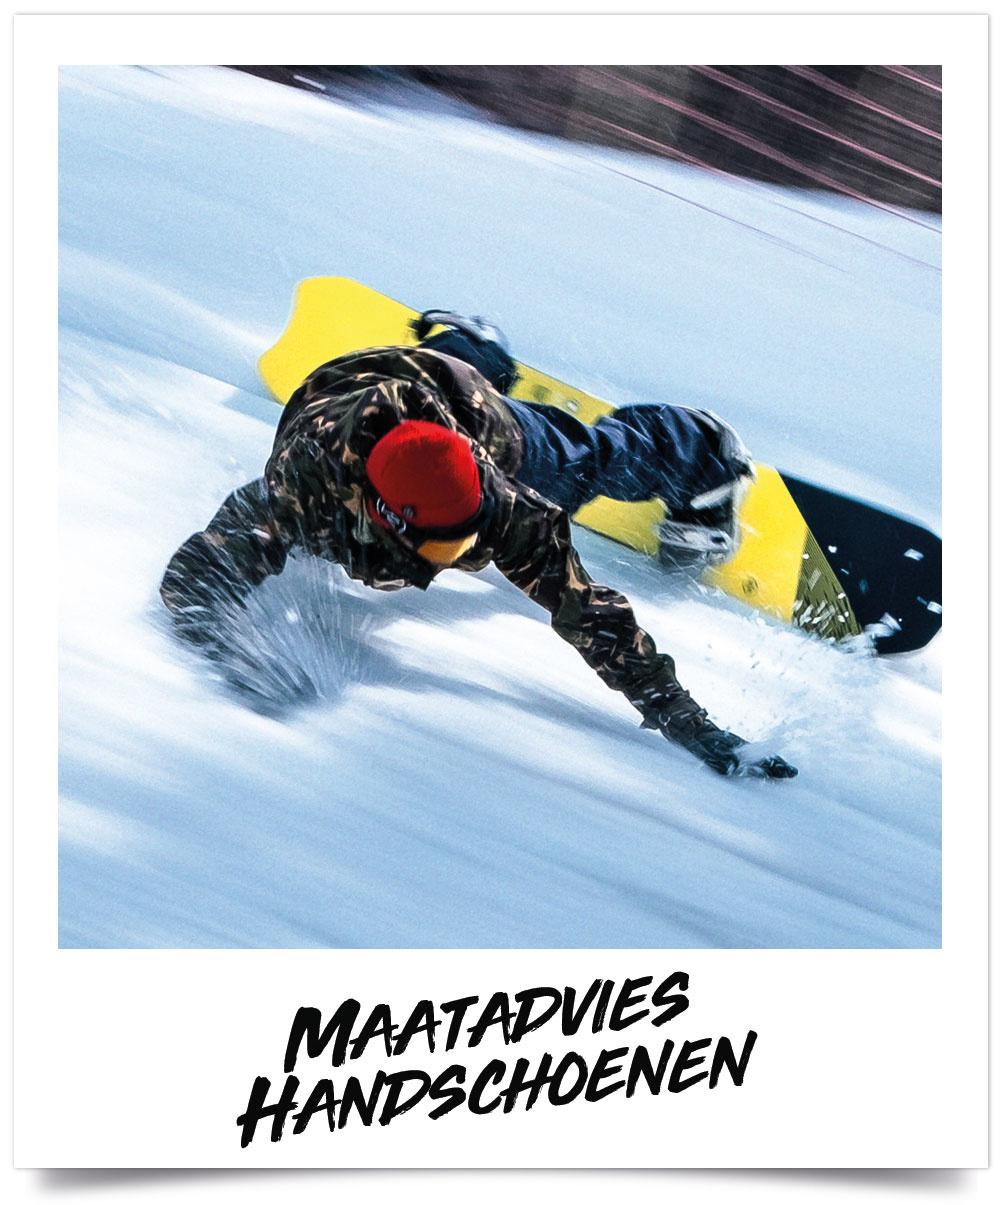 Maattabel Ski en snowboardhandschoenen